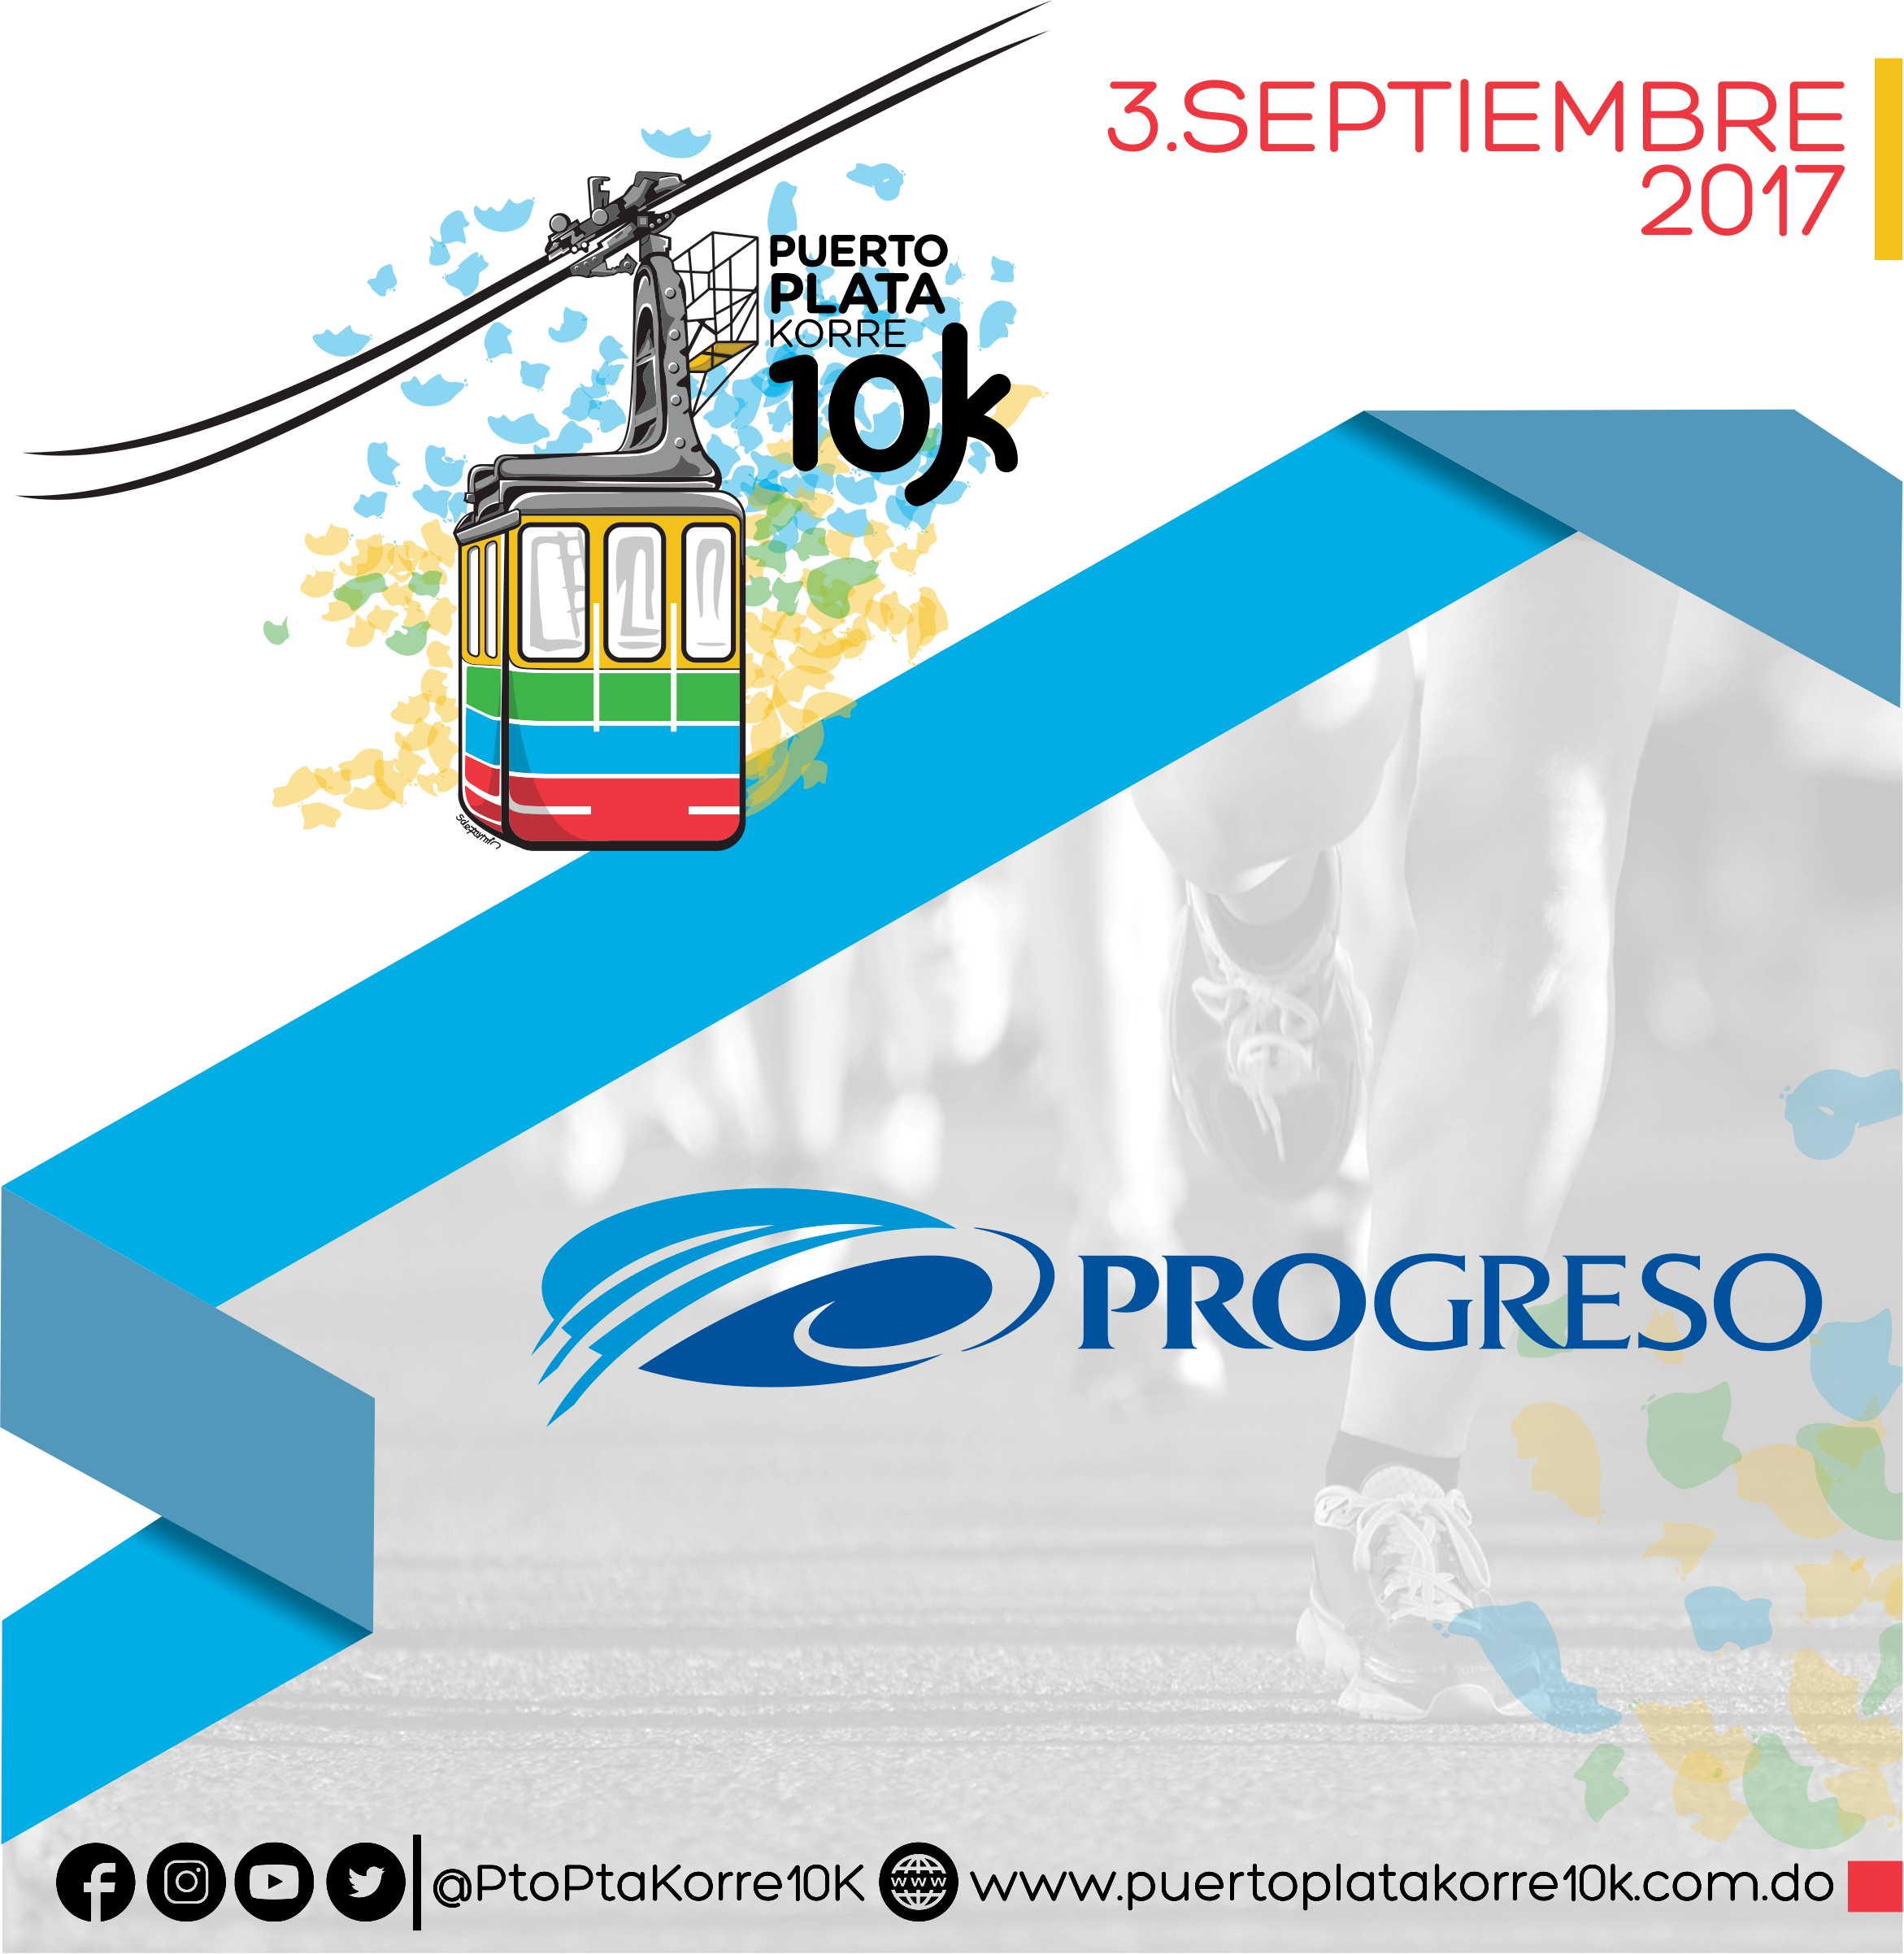 5-PPK – Banco el Progreso